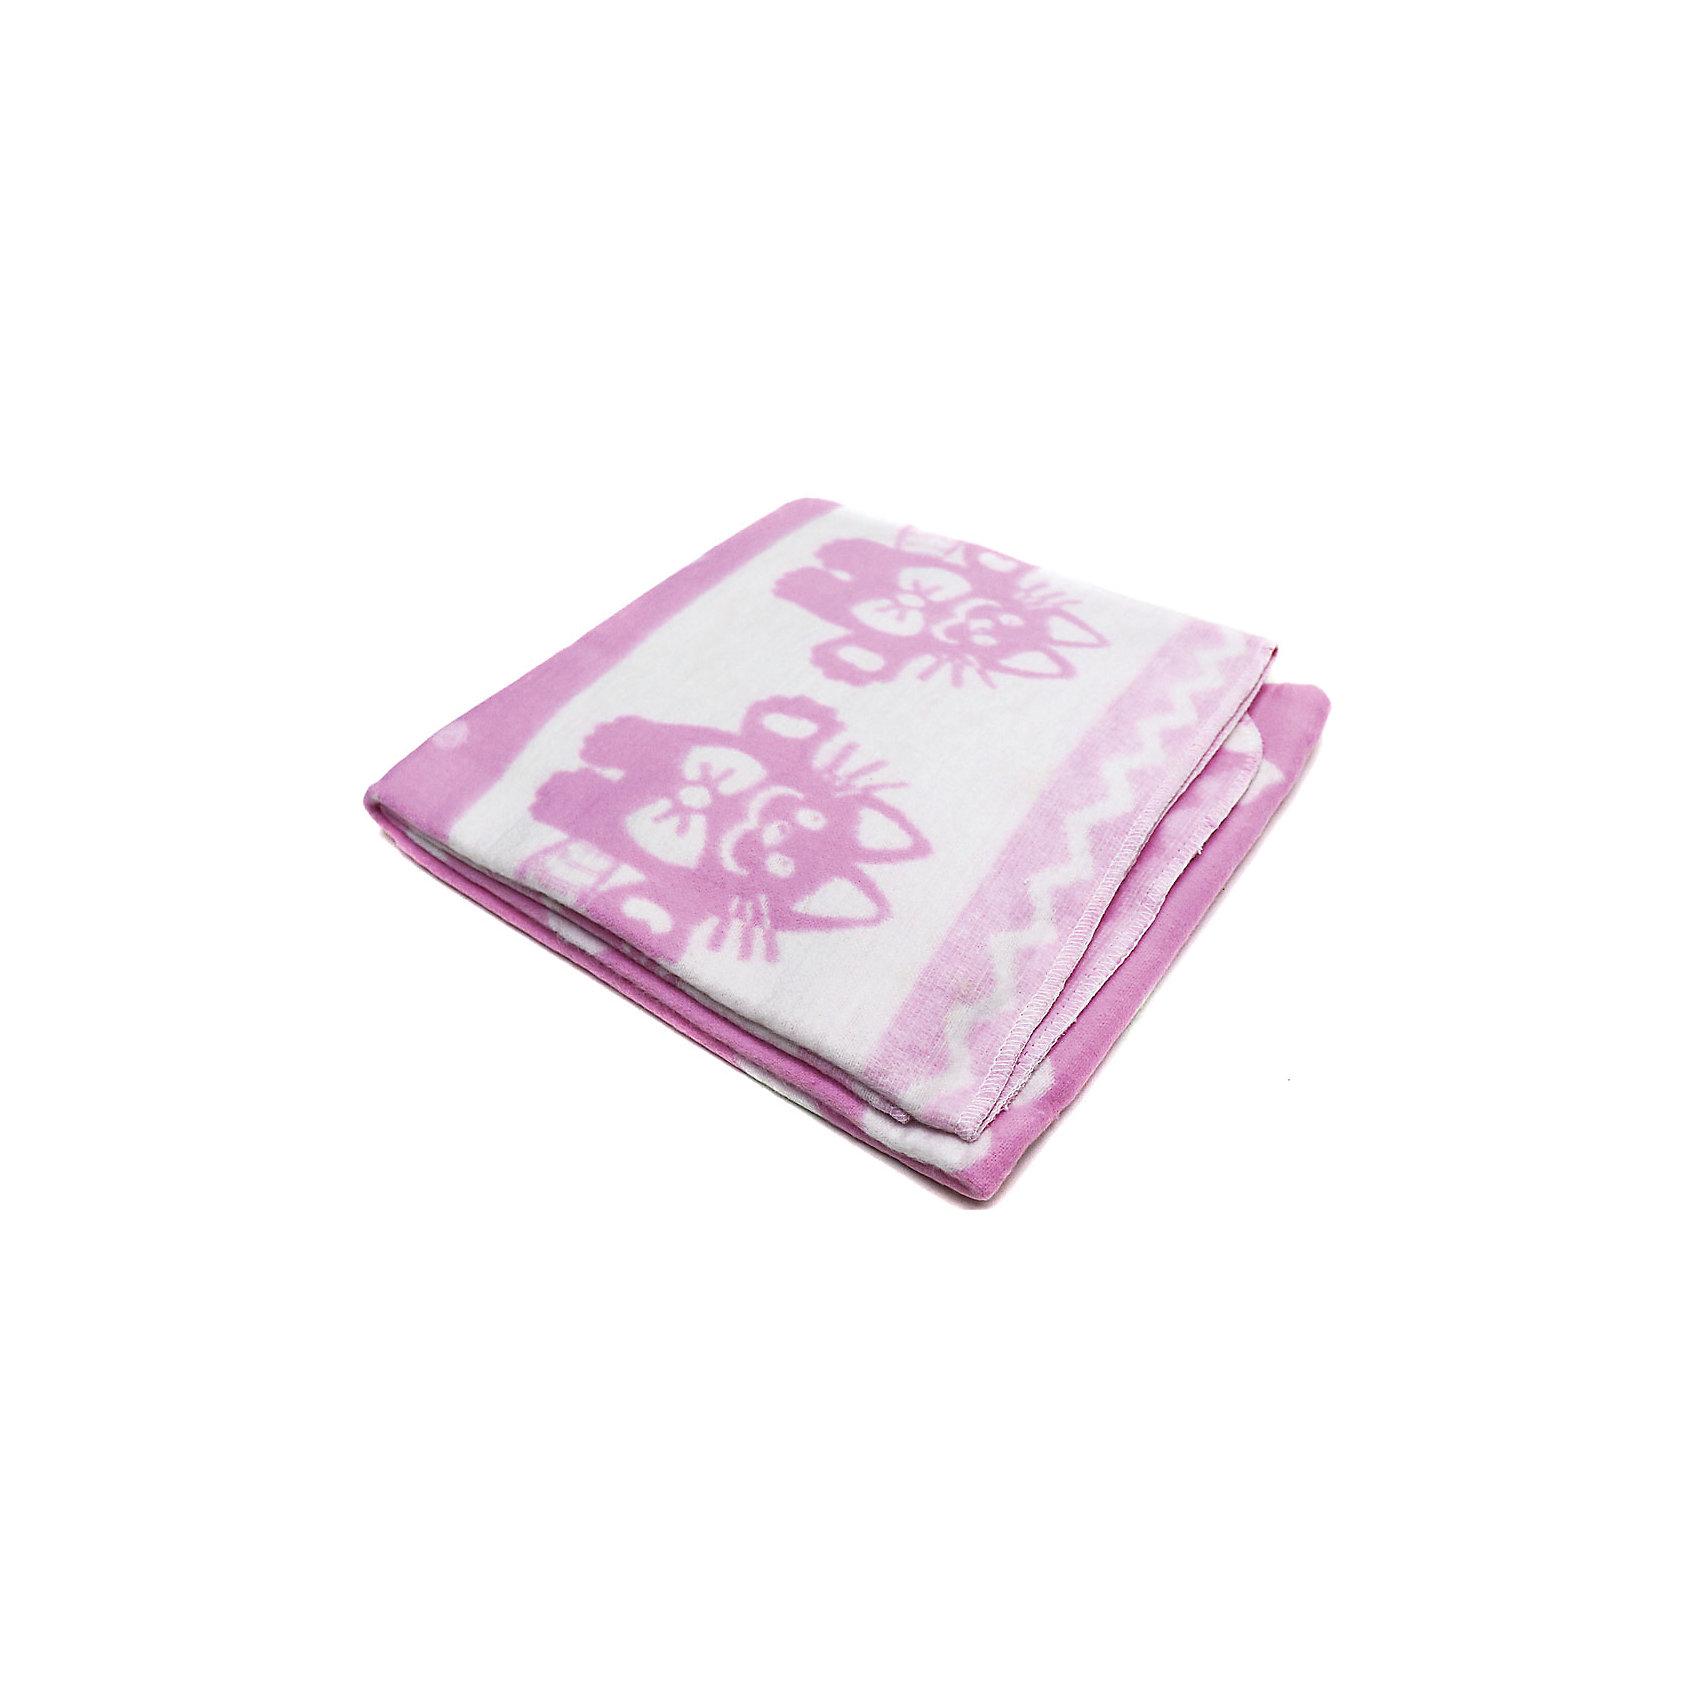 Байковое одеяло х/б 140х100 см., Топотушки, розовыйОдеяла, пледы<br>Байковое одеяло х/б 140х100 см., Топотушки, розовый<br><br>Характеристики:<br><br>-Размер: 140х100 см<br>-Цвет: розовый<br>-Материал: хлопчатобумажная ткань<br><br>Байковое одеяло х/б 140х100 см., Топотушки выполнено из 100% хлопка, поэтому не вызовет аллергическую реакцию у вашего ребёнка. Оно очень пригодиться в повседневной жизни. Благодаря большому размеру, его можно использовать для пеленания ребёнка или использовать, как покрывало. Оно мягкое и приятное на ощупь, поэтому сделает сон вашего ребёнка еще комфортнее. <br><br>Байковое одеяло х/б 140х100 см., Топотушки, розовый можно приобрести в нашем интернет-магазине.<br><br>Ширина мм: 360<br>Глубина мм: 360<br>Высота мм: 30<br>Вес г: 580<br>Возраст от месяцев: 0<br>Возраст до месяцев: 36<br>Пол: Женский<br>Возраст: Детский<br>SKU: 5086340